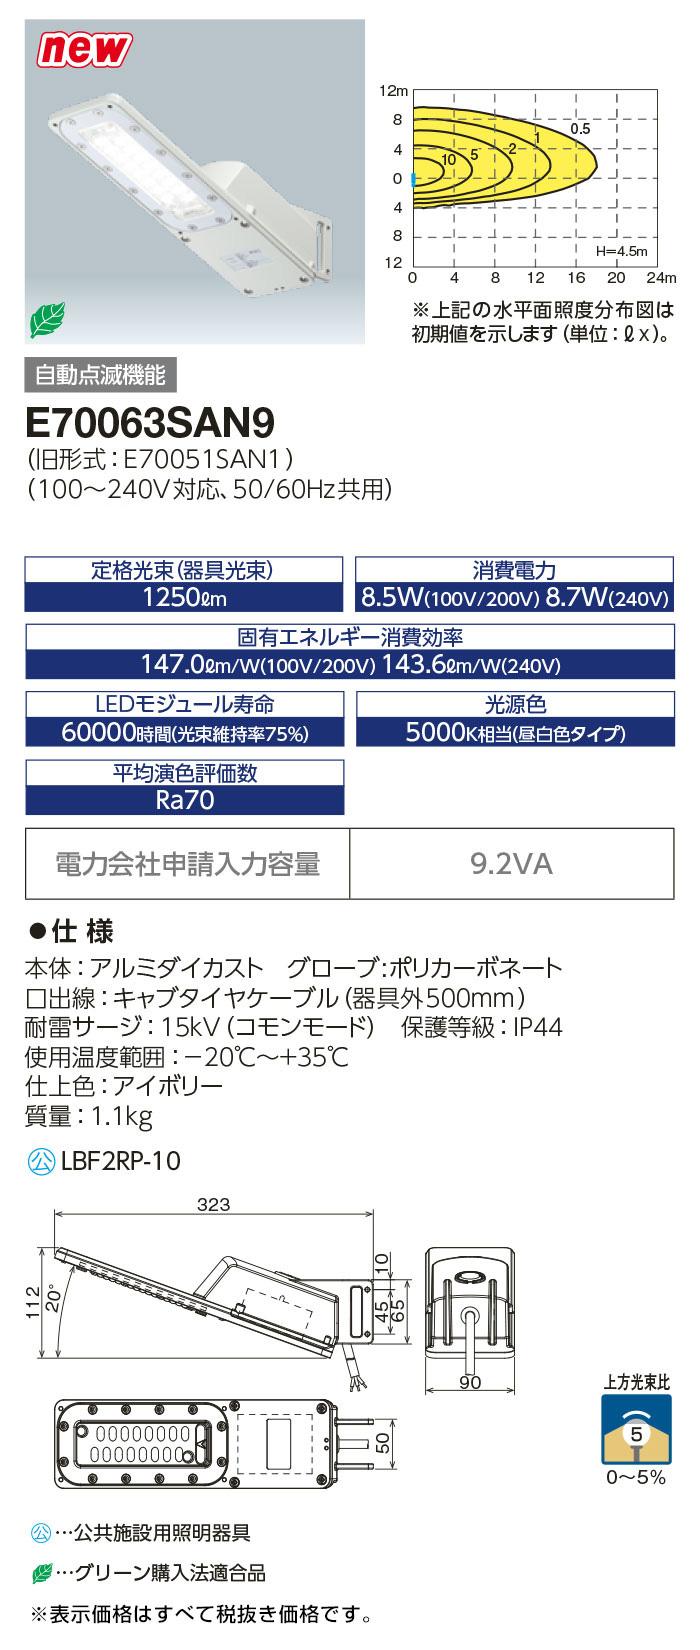 E70063SAN9